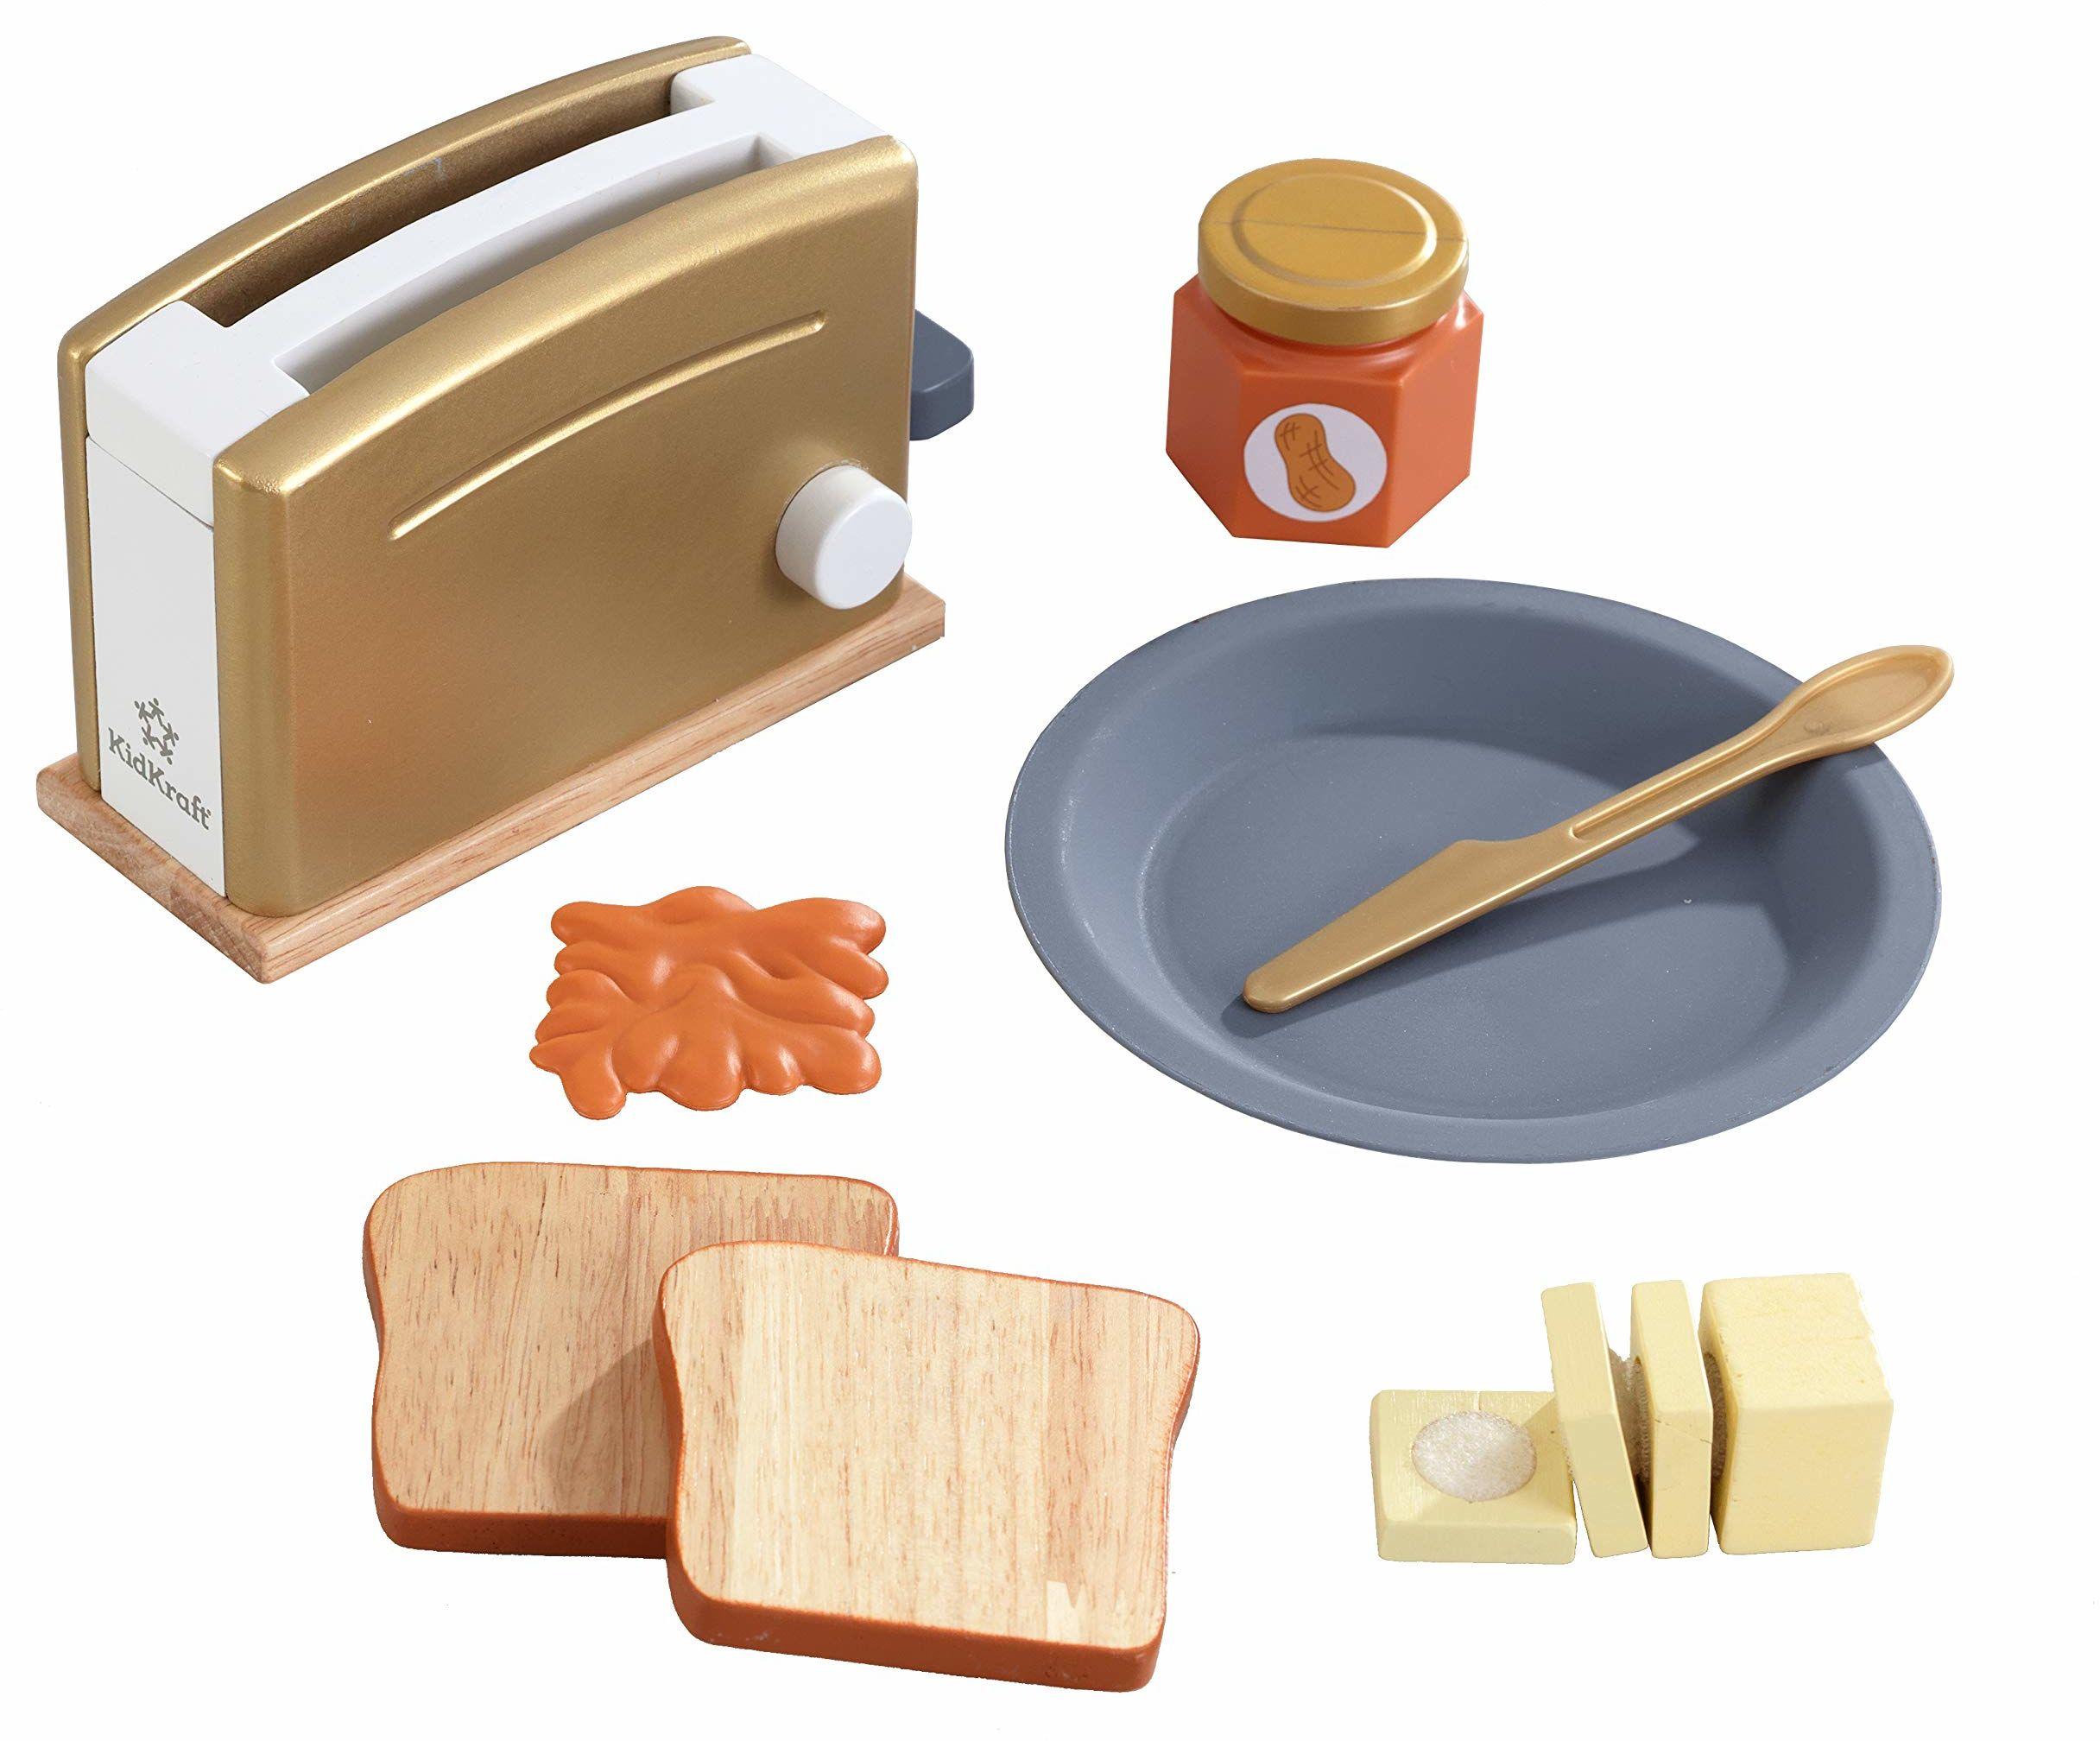 KidKraft 53536 drewniany zestaw tostrów do kuchni dla dzieci w nowoczesnych metalicznych kolorach akcesoria kuchenne do zabawy